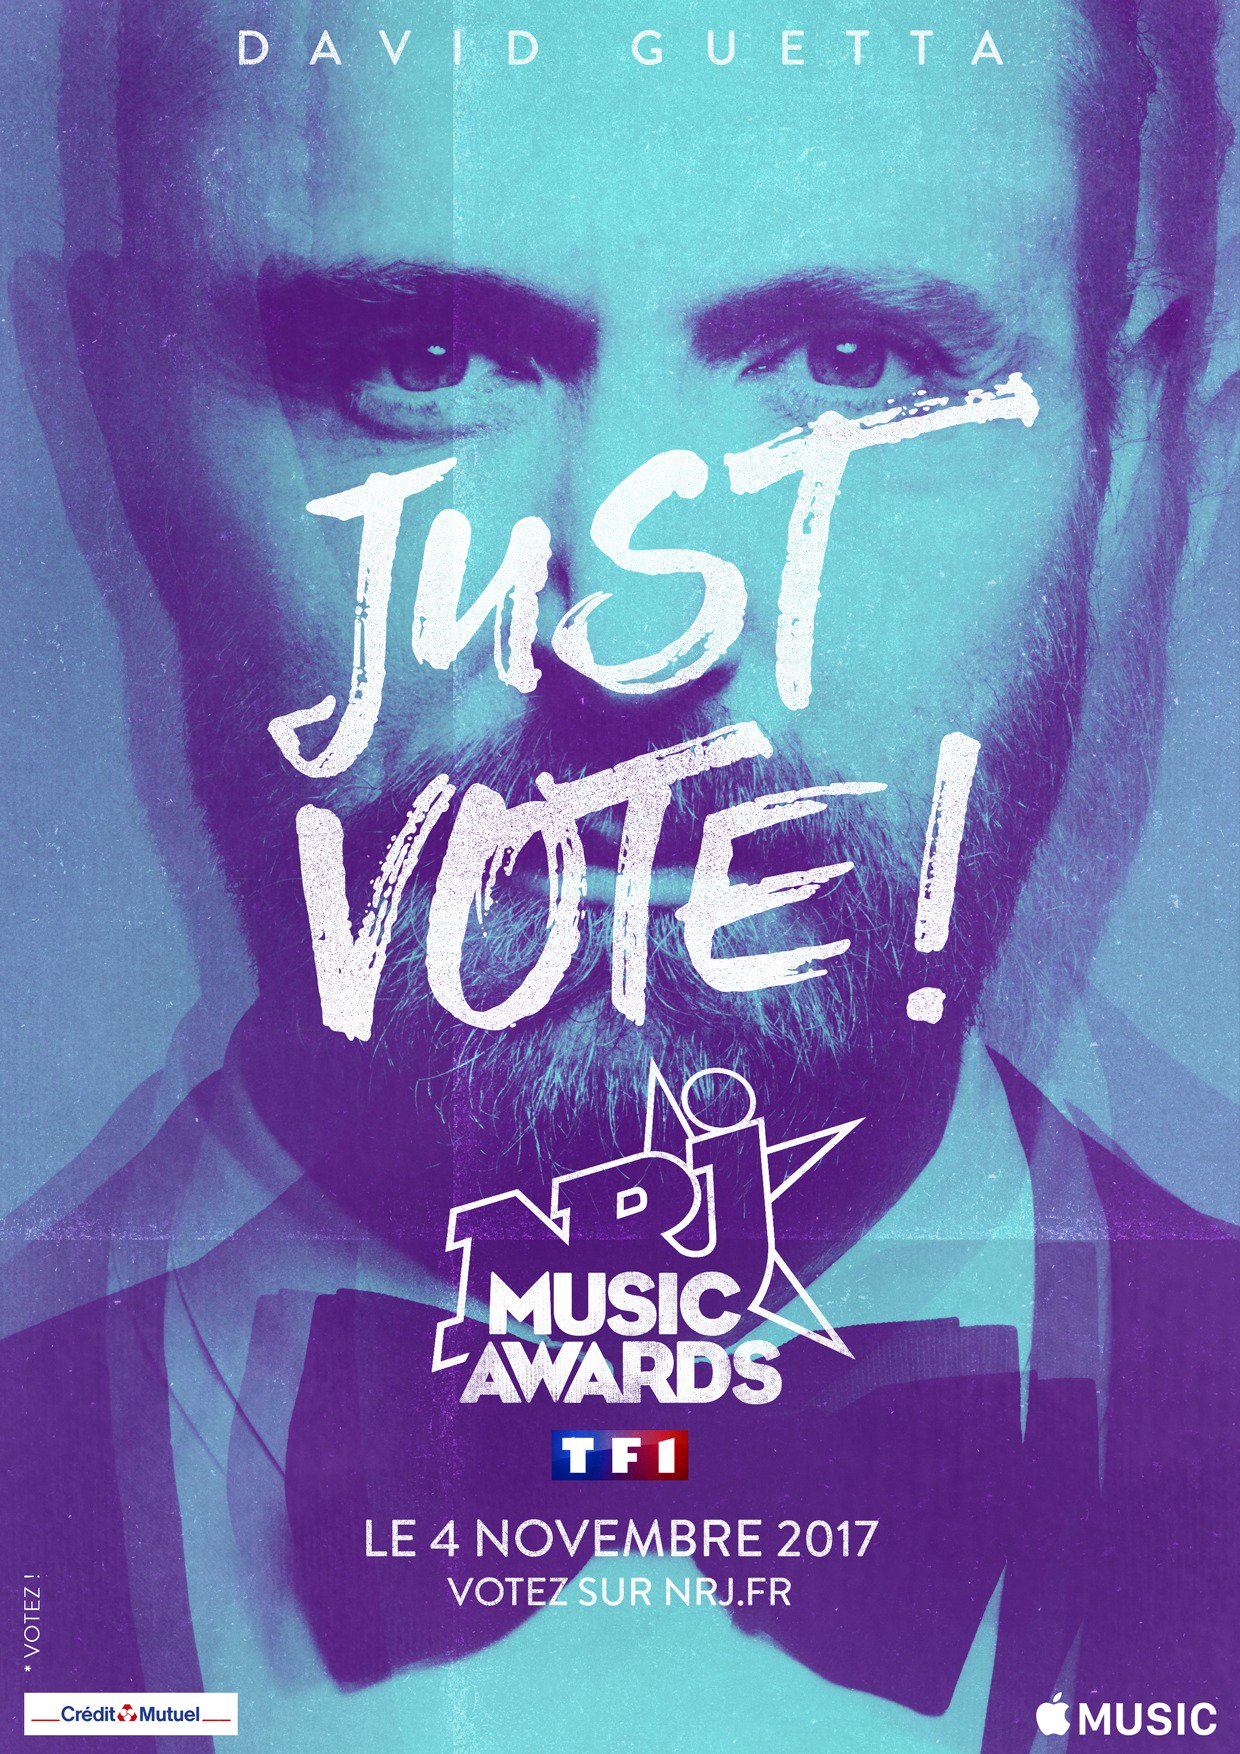 Dernière ligne droite pour voter pour @davidguetta aux @NRJMusicAwards !  https://t.co/BthNn0YAUQ https://t.co/J8h4NinFSA